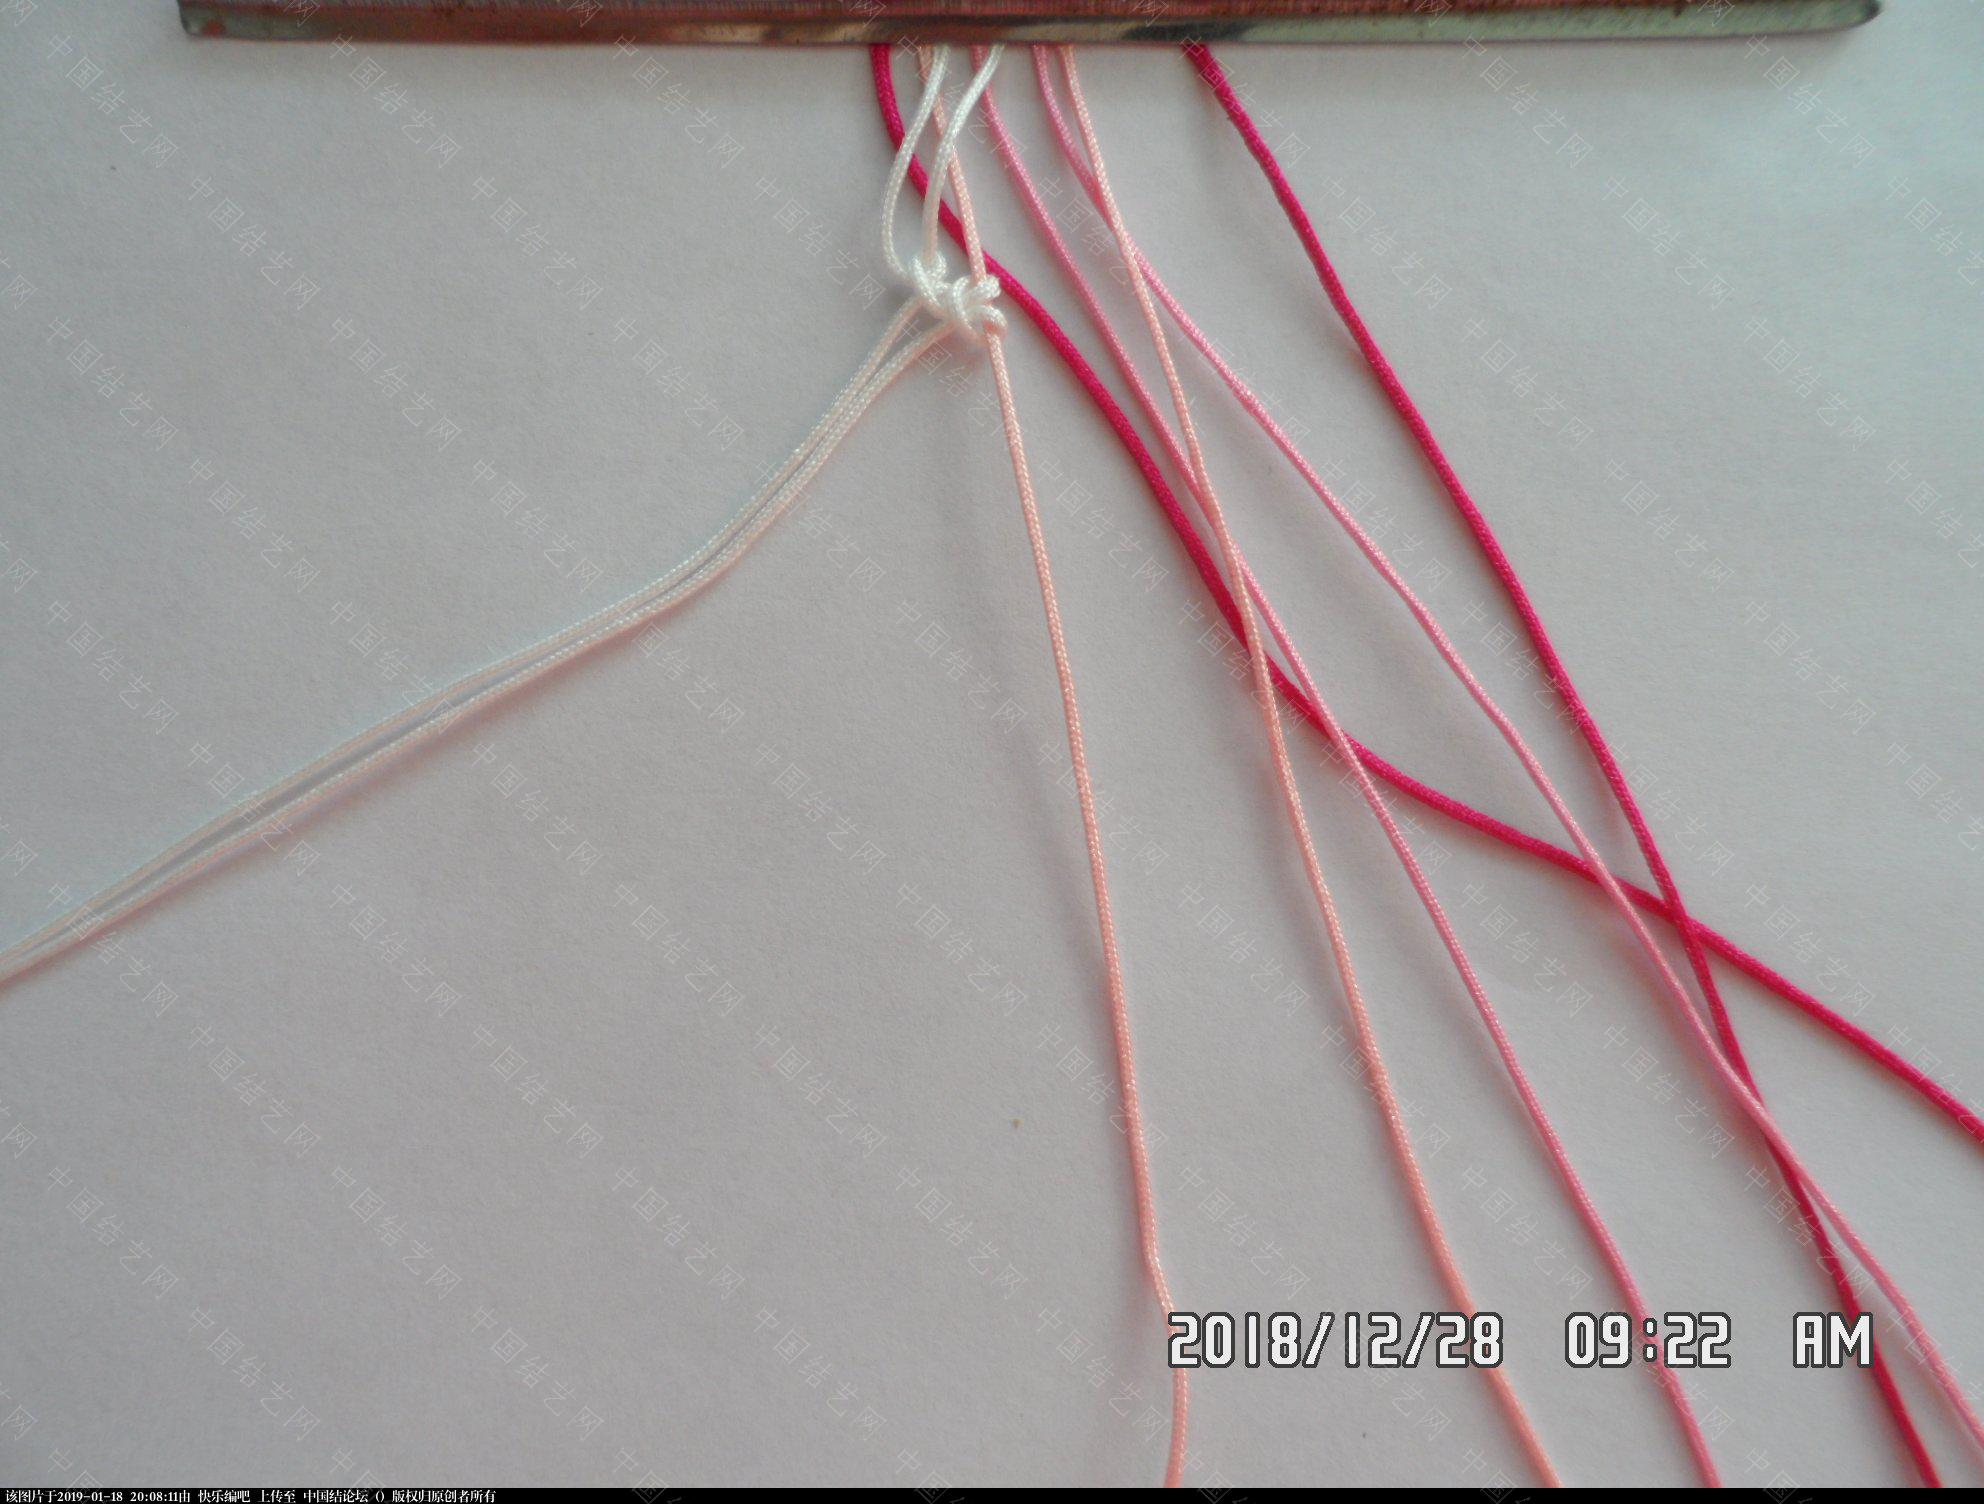 中国结论坛 一款水稻图案手绳的编法 —— 雀头结练习  图文教程区 191224cbe67lv2vjx23vo0